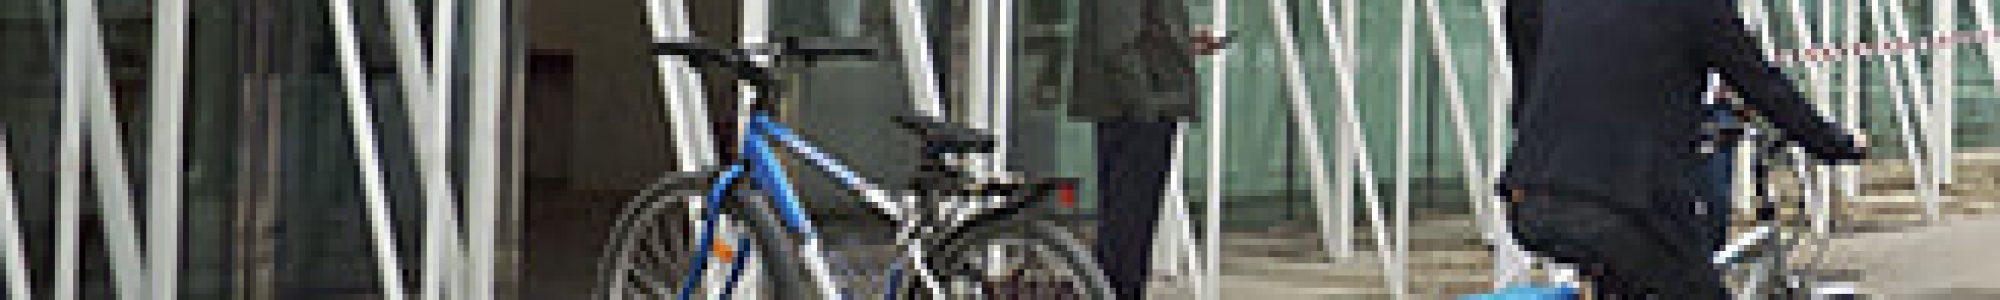 rotterdam pyöräteline